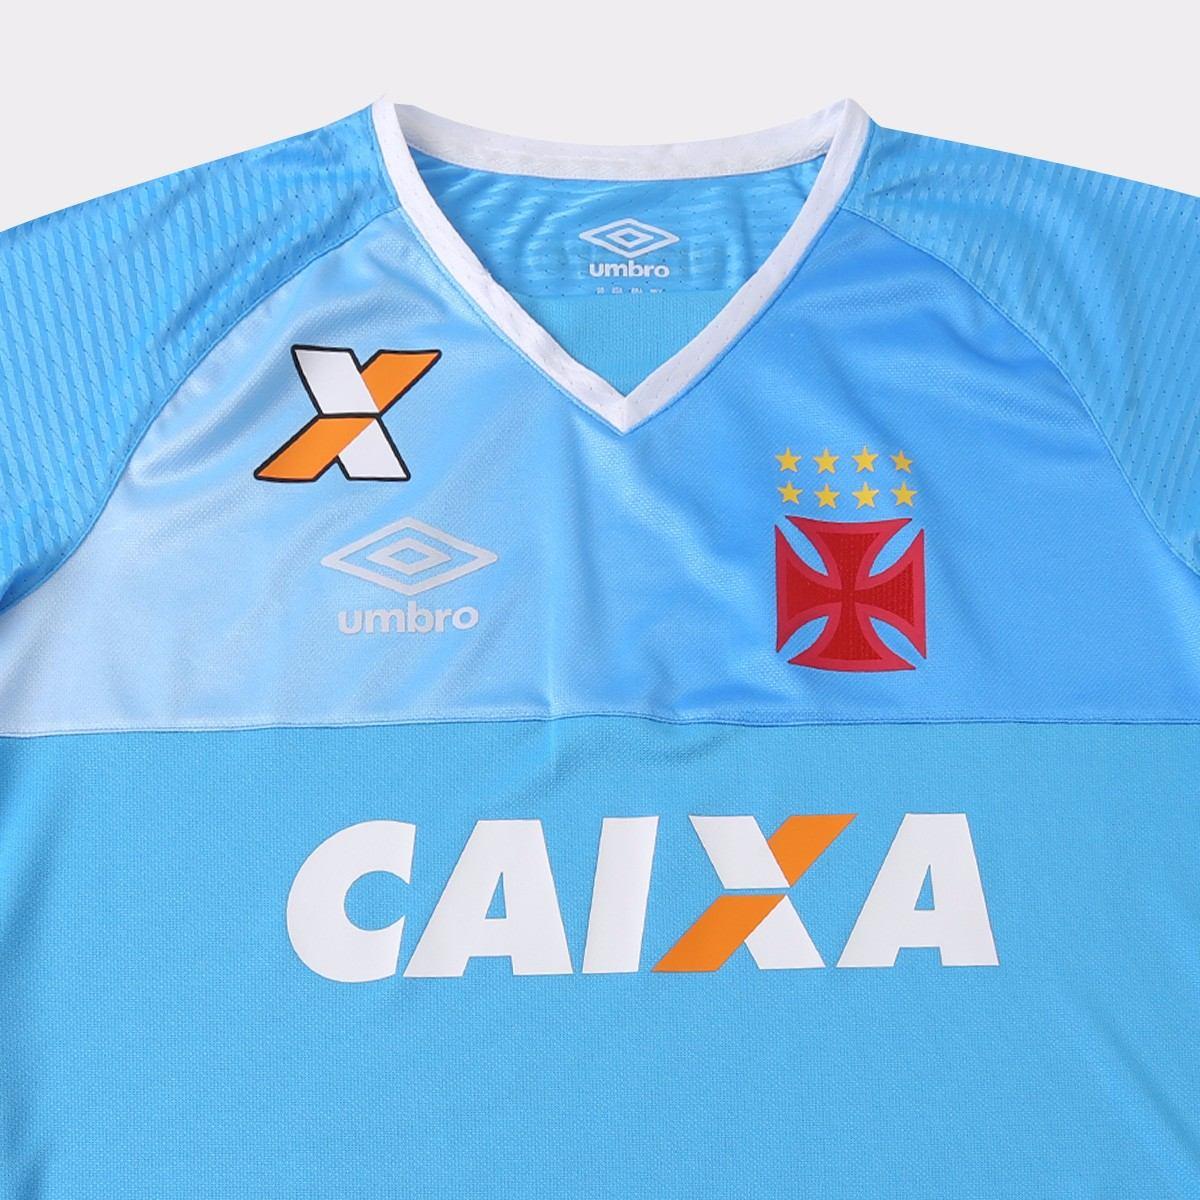 Camisa Goleiro Vasco Da Gama 2017 Umbro Azul Celest E Branca - R ... 0674788c2e074